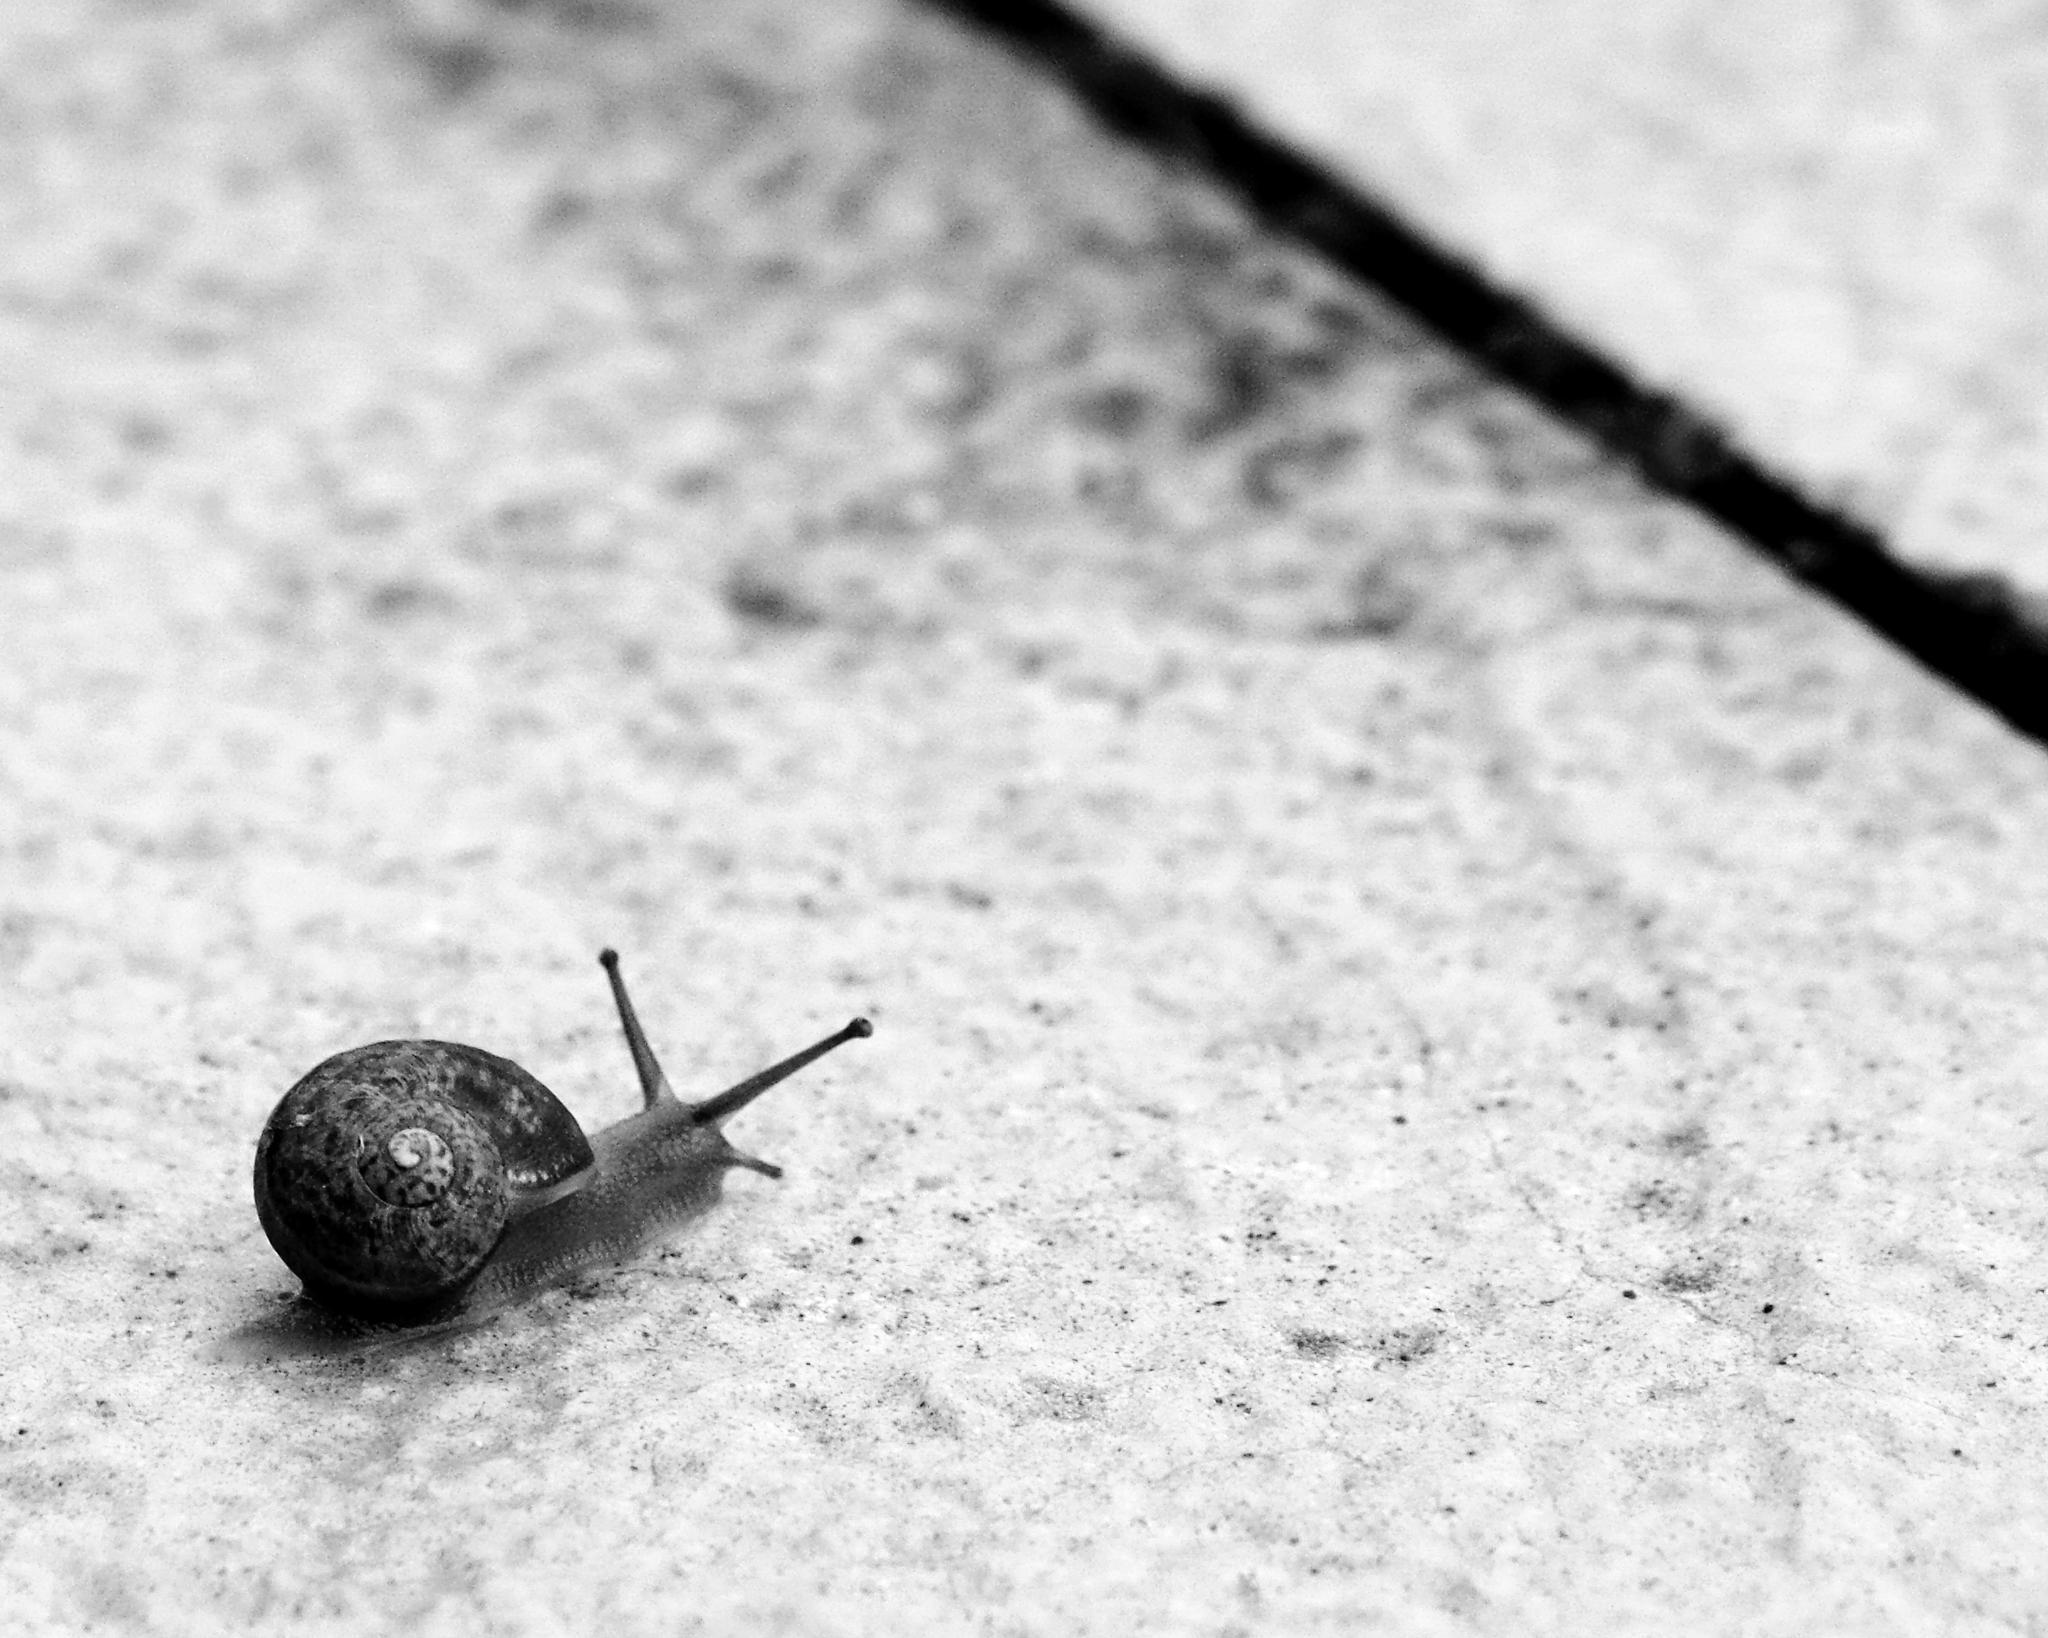 garden snail bw 2 by cinzia.sawatzky